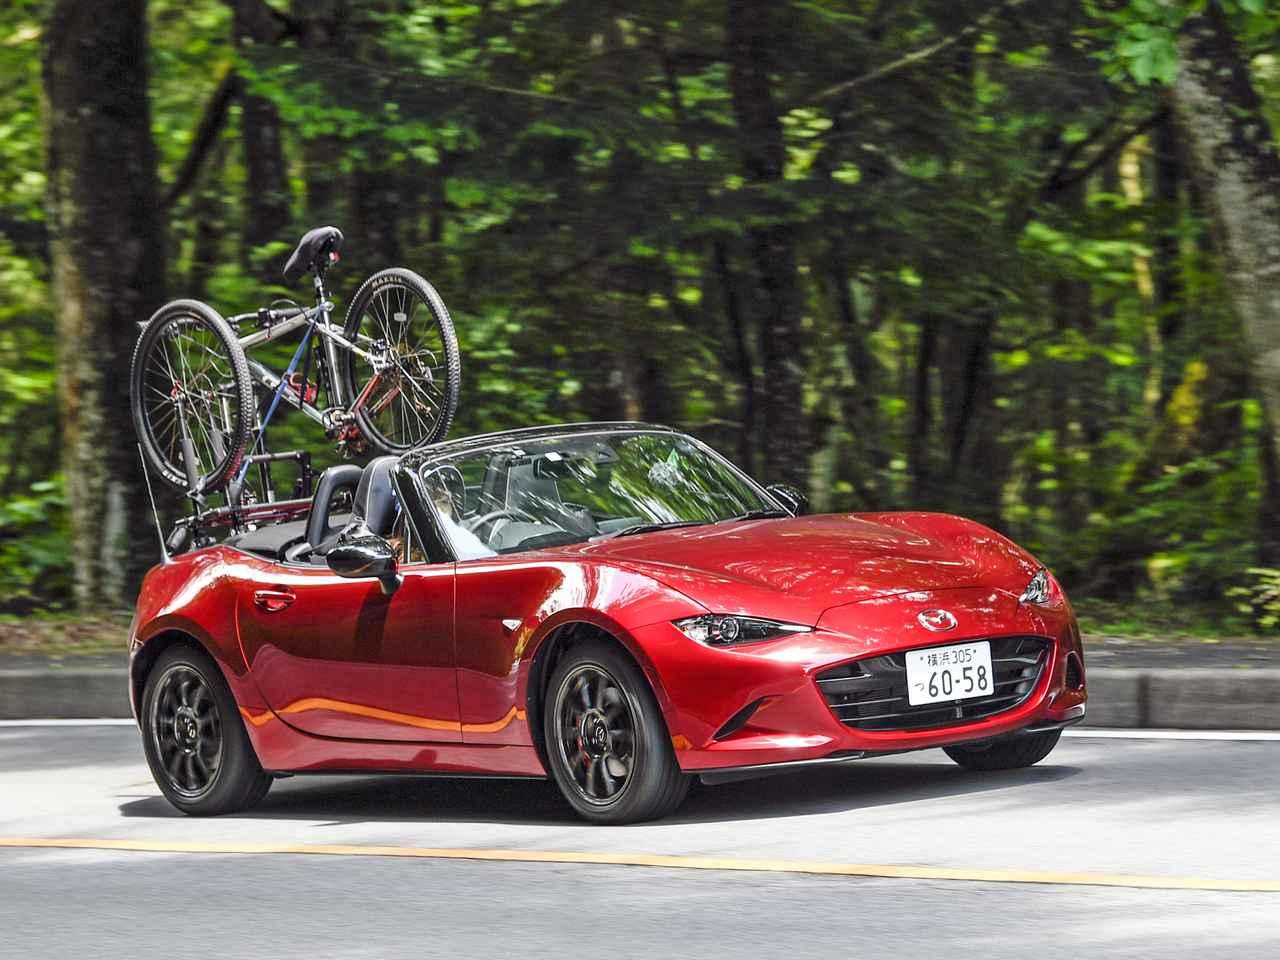 【動画】マツダ ロードスターに自転車を搭載できるキャリアを使って「2&4ライフ」を楽しもう!